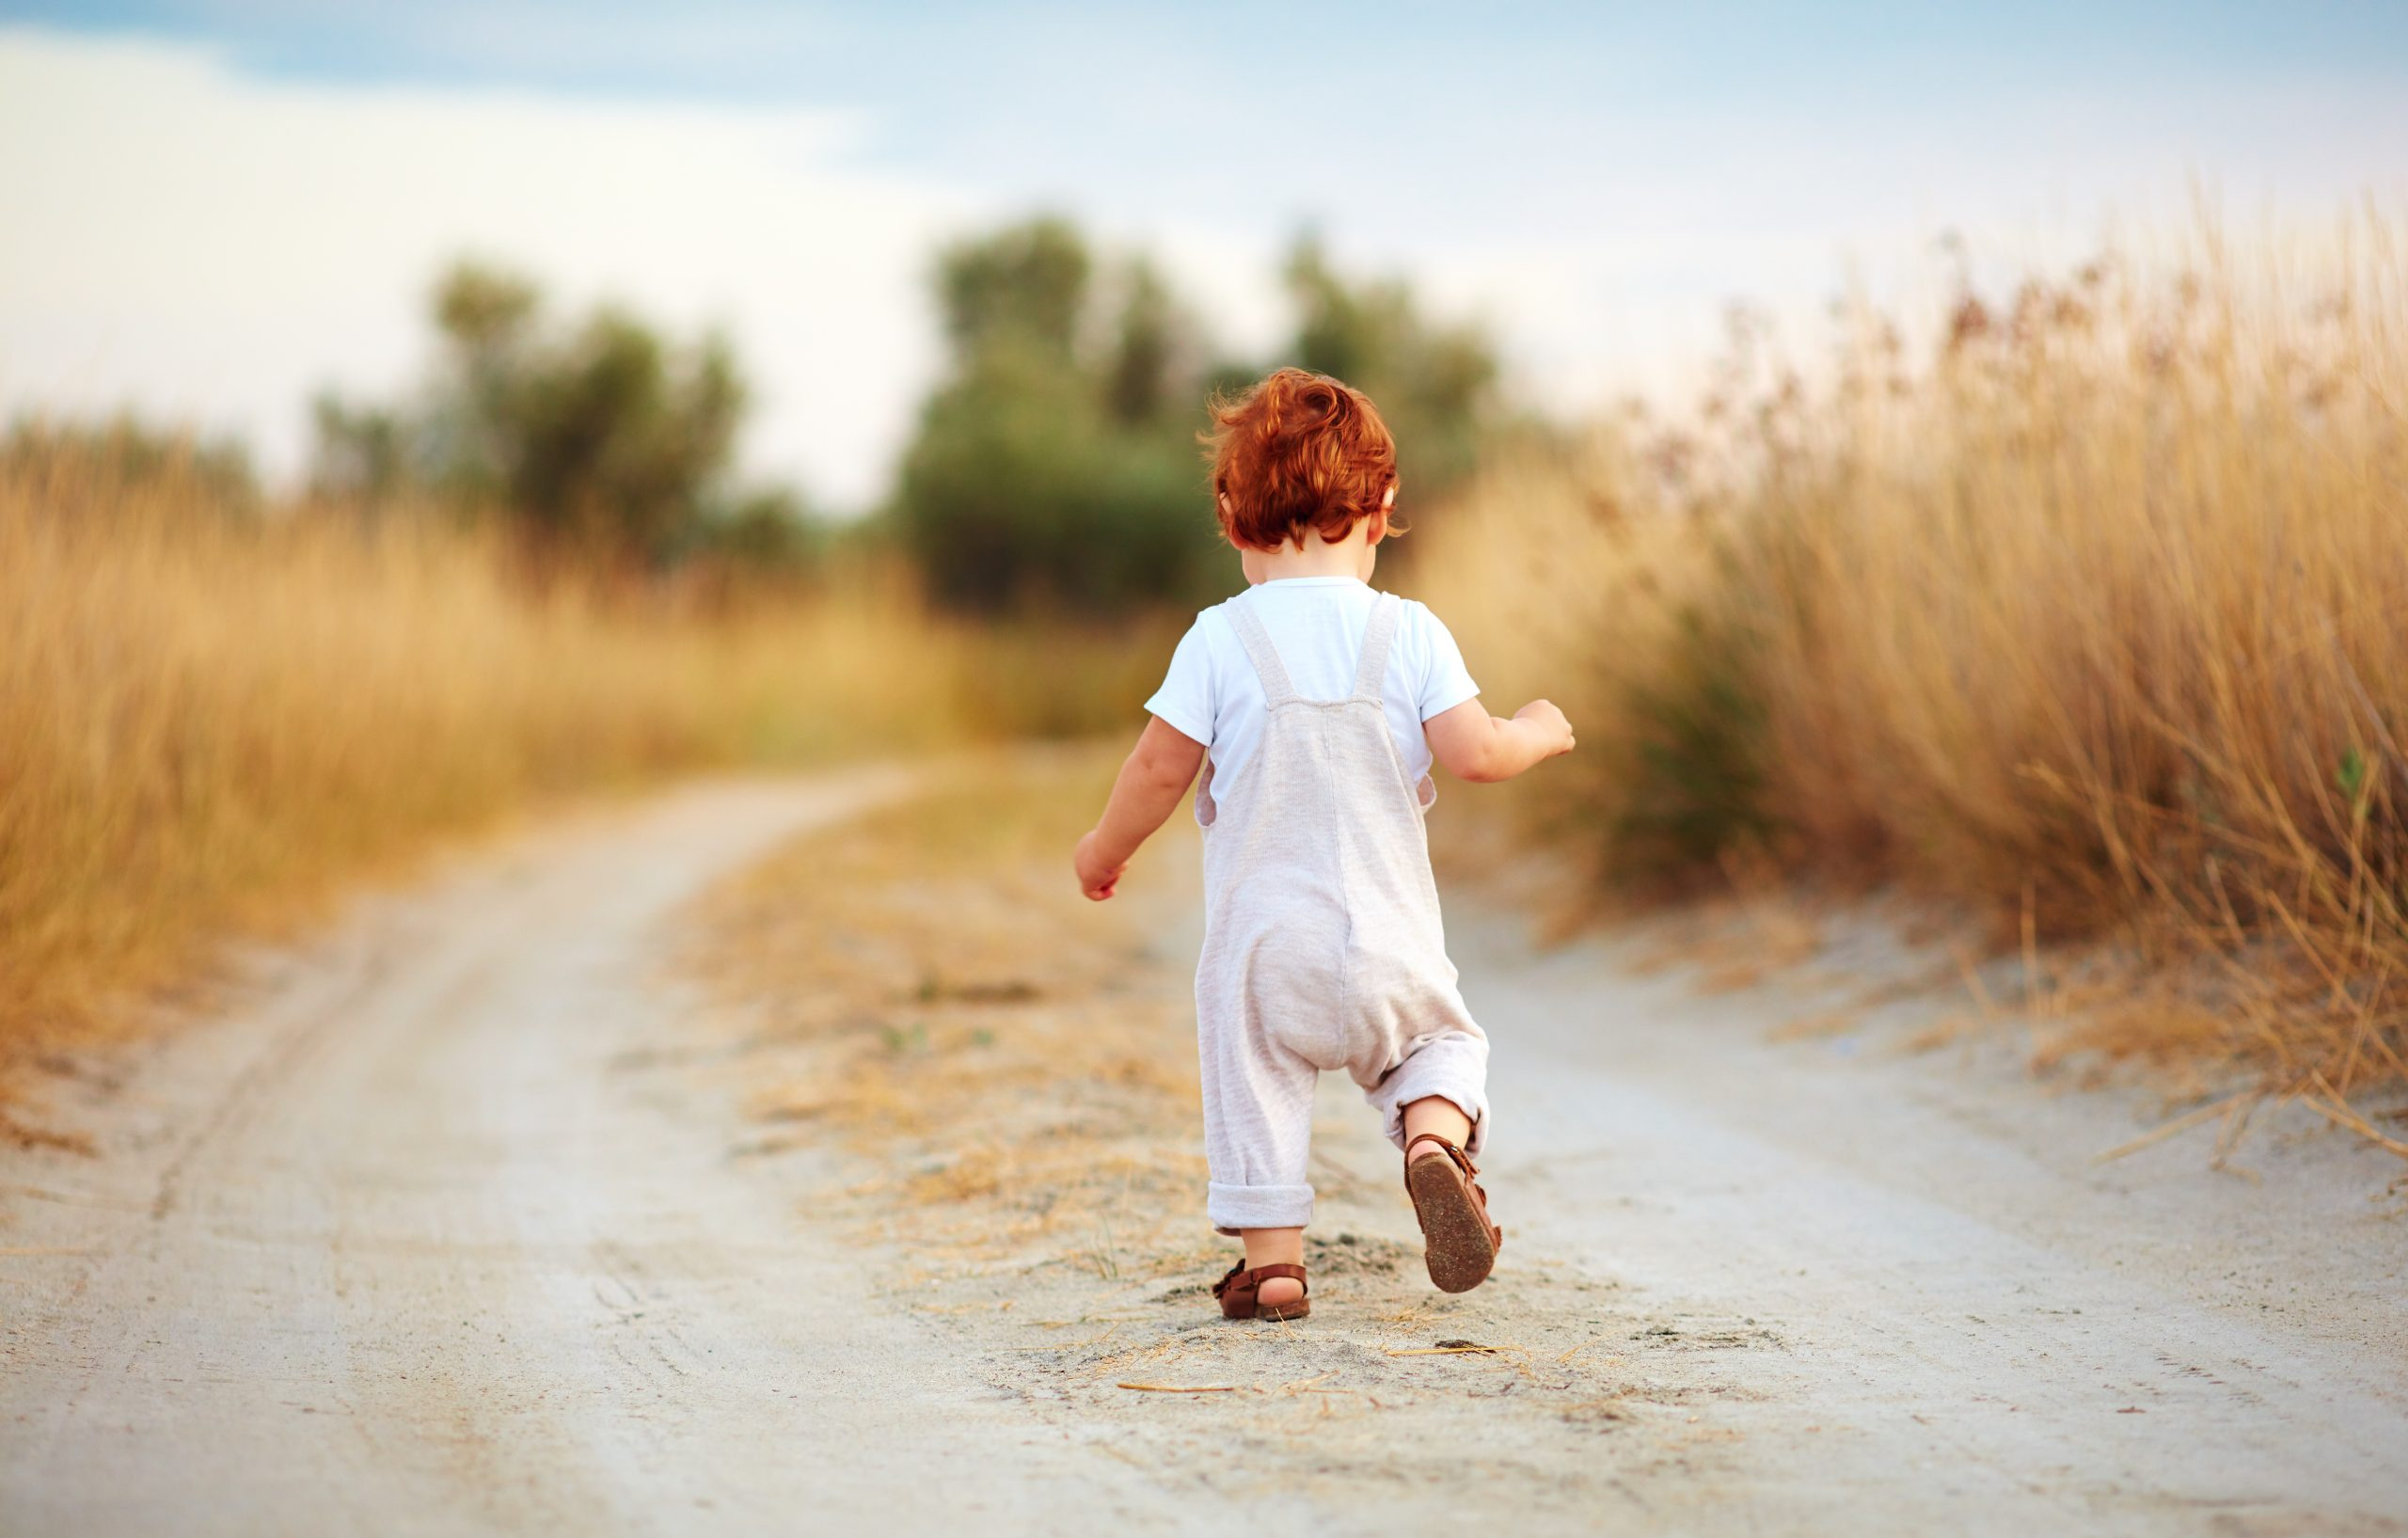 Niño corriendo